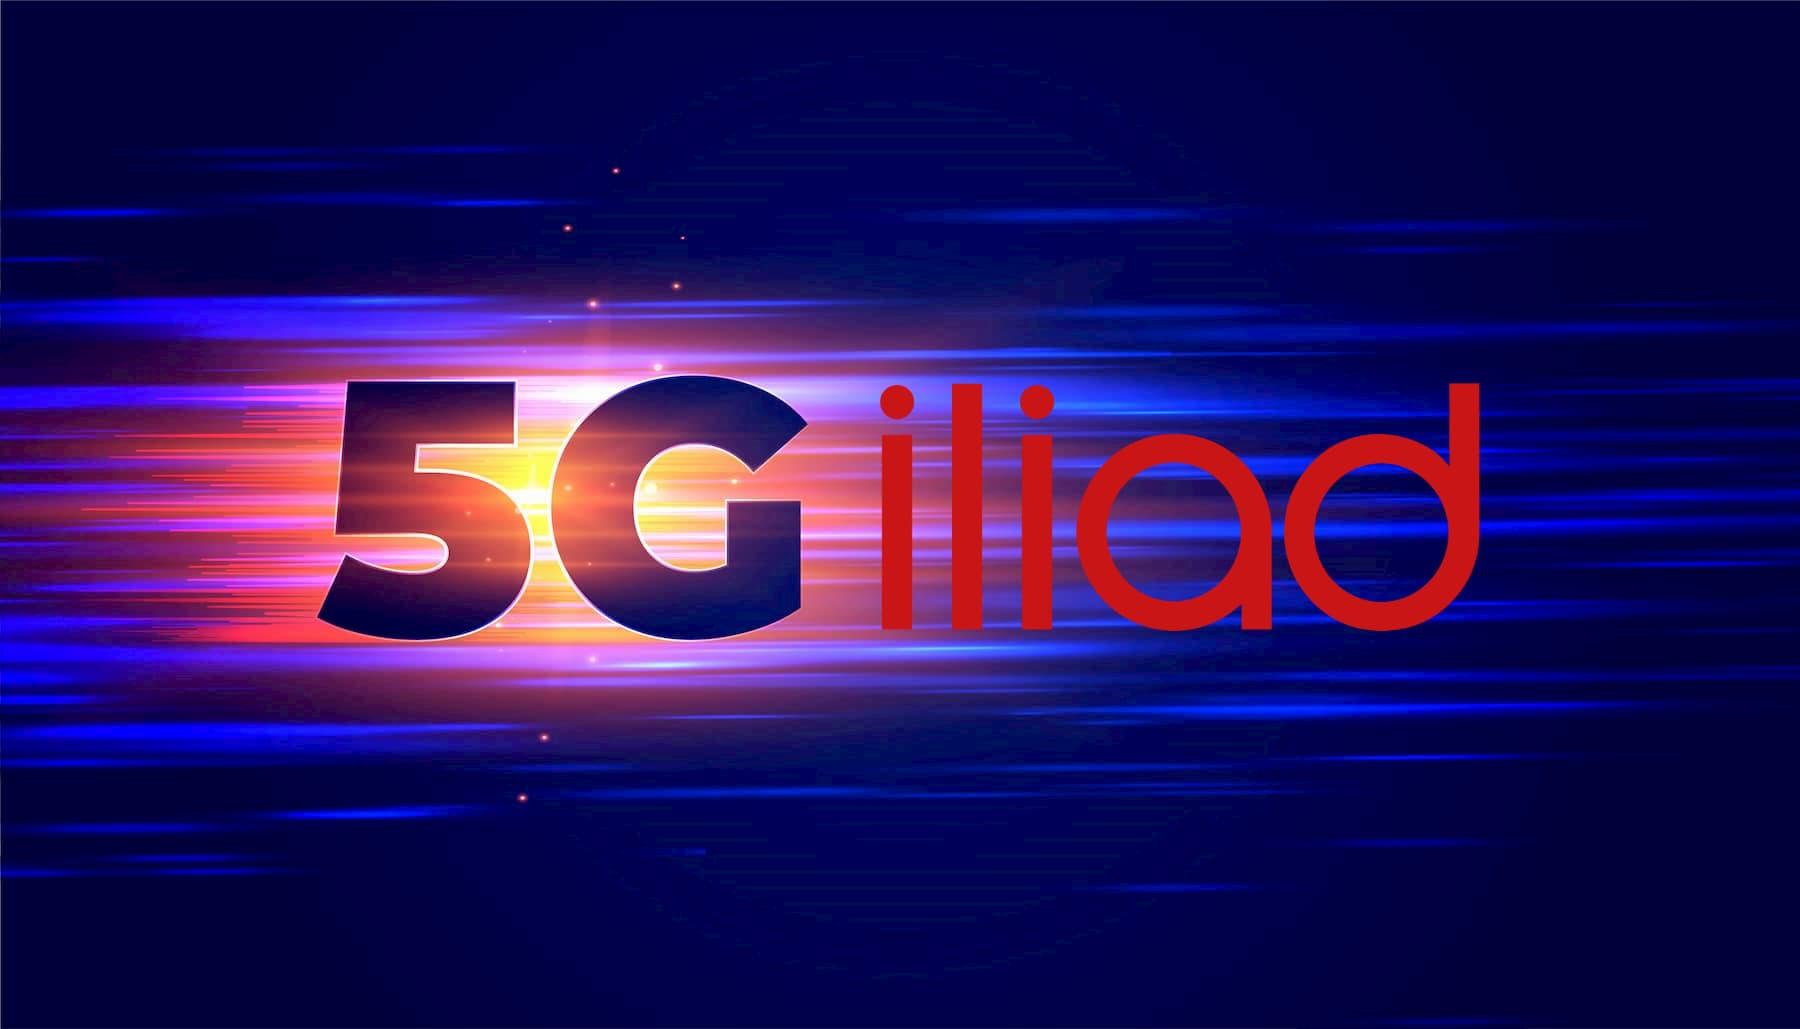 5G iliad